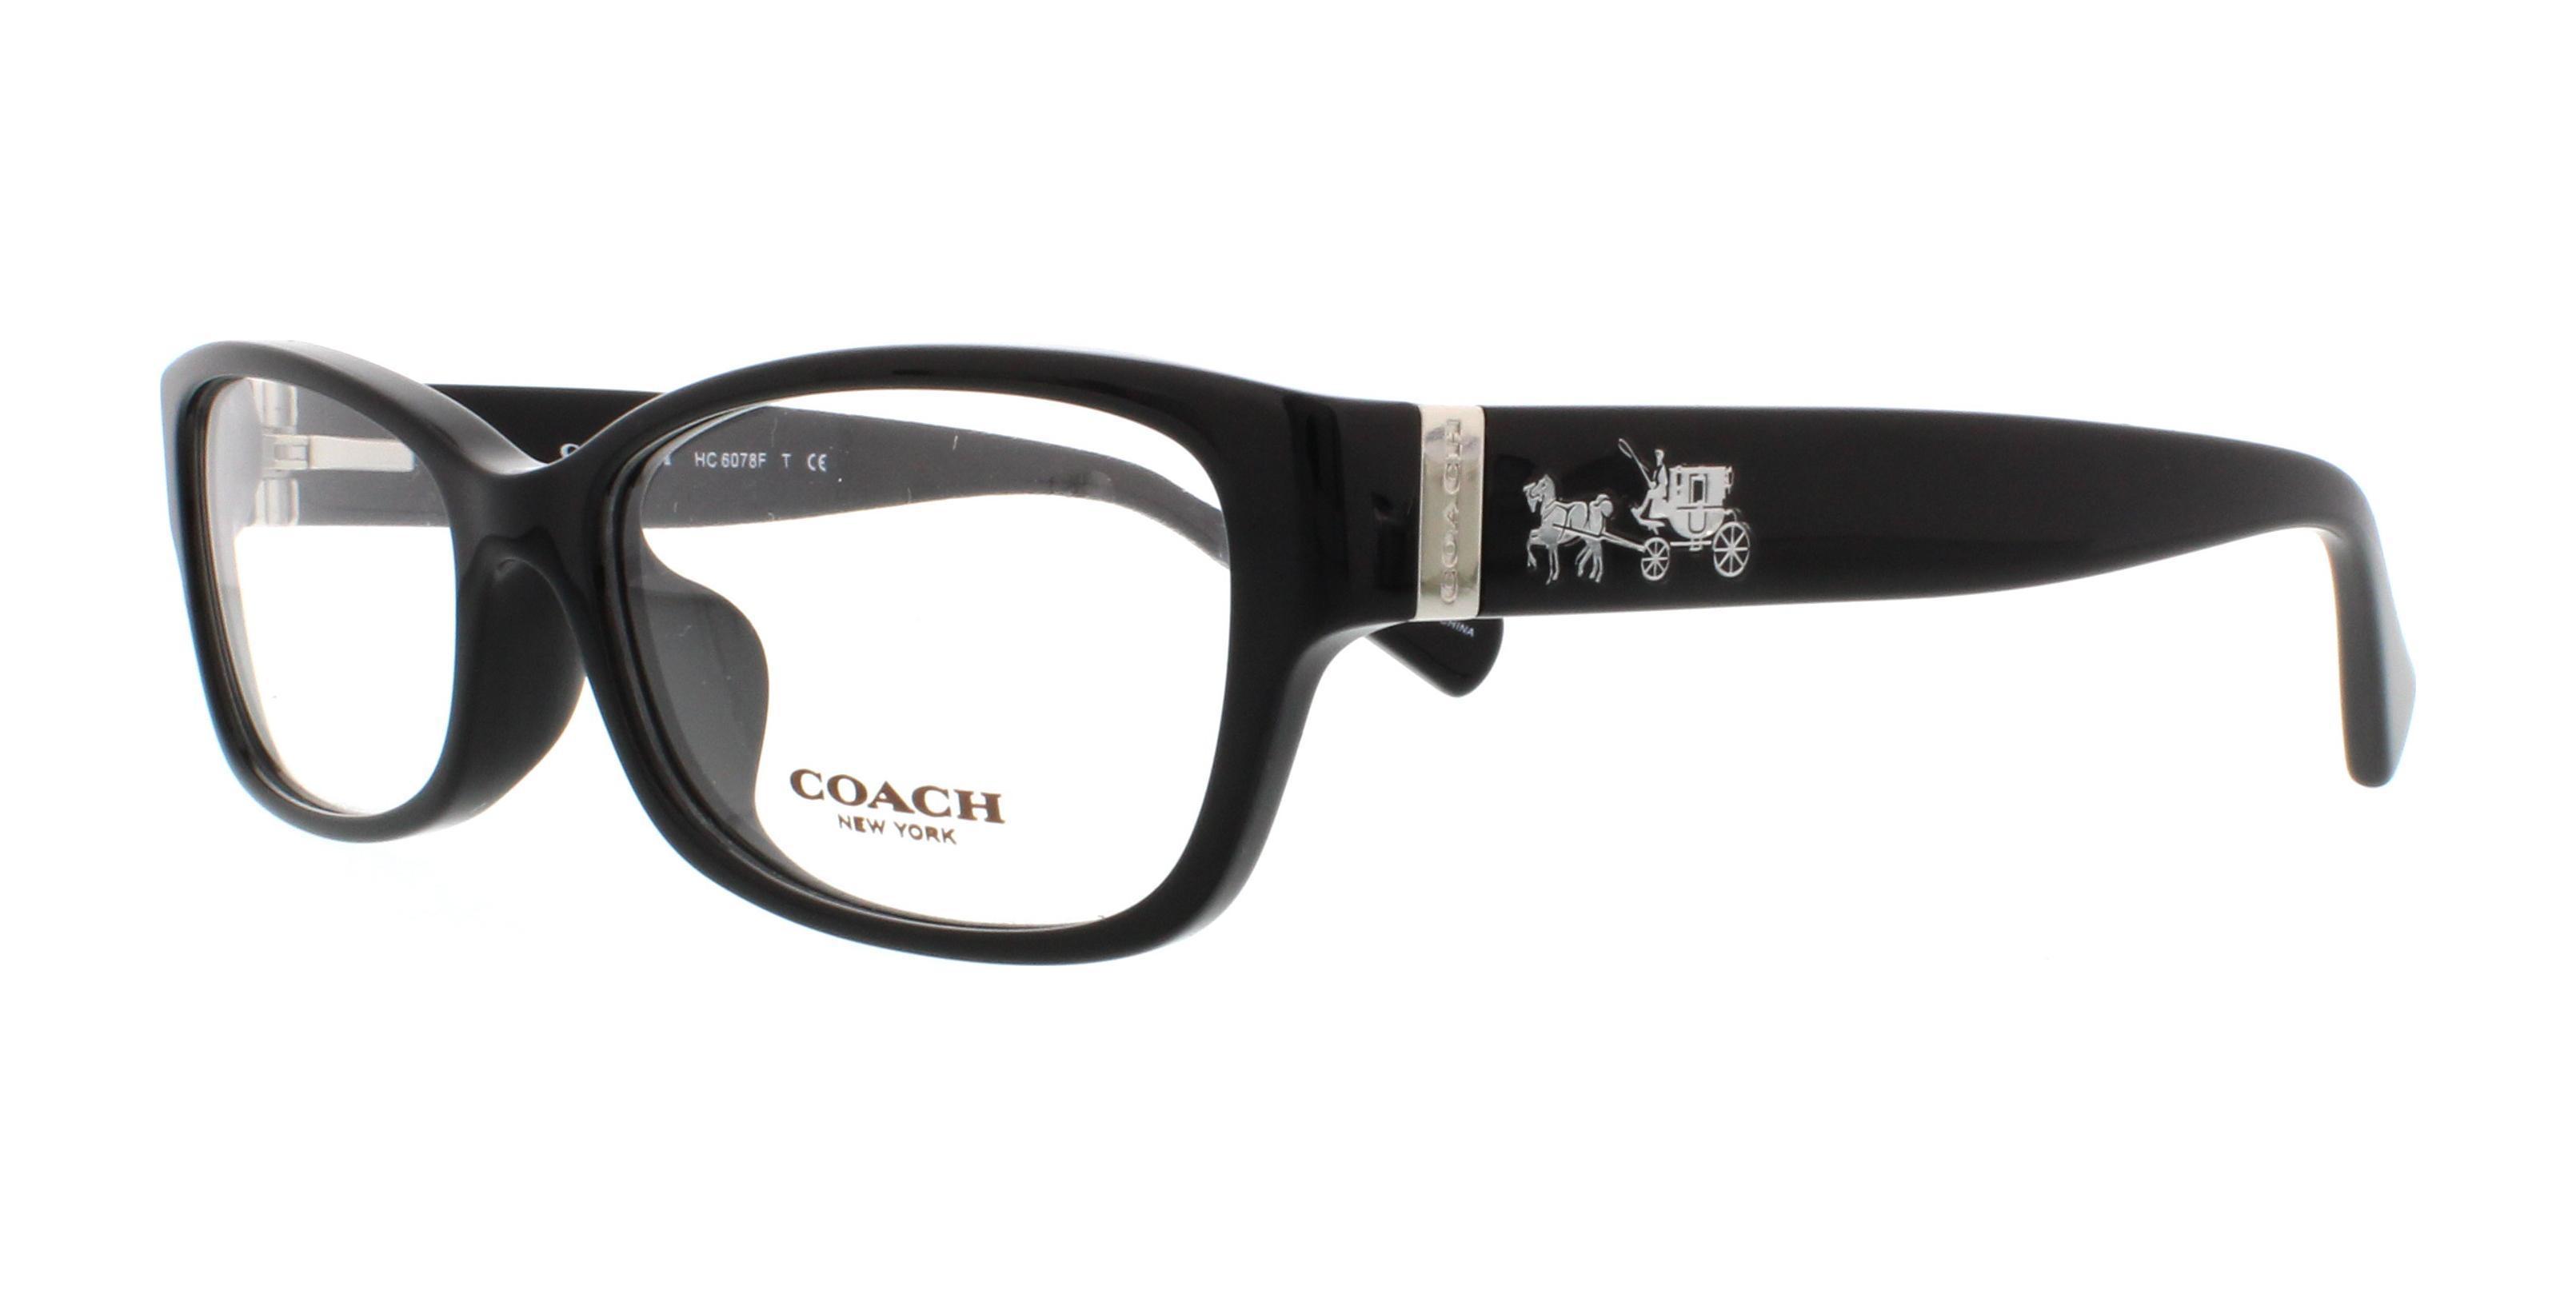 cb15711905 Eyeglasses